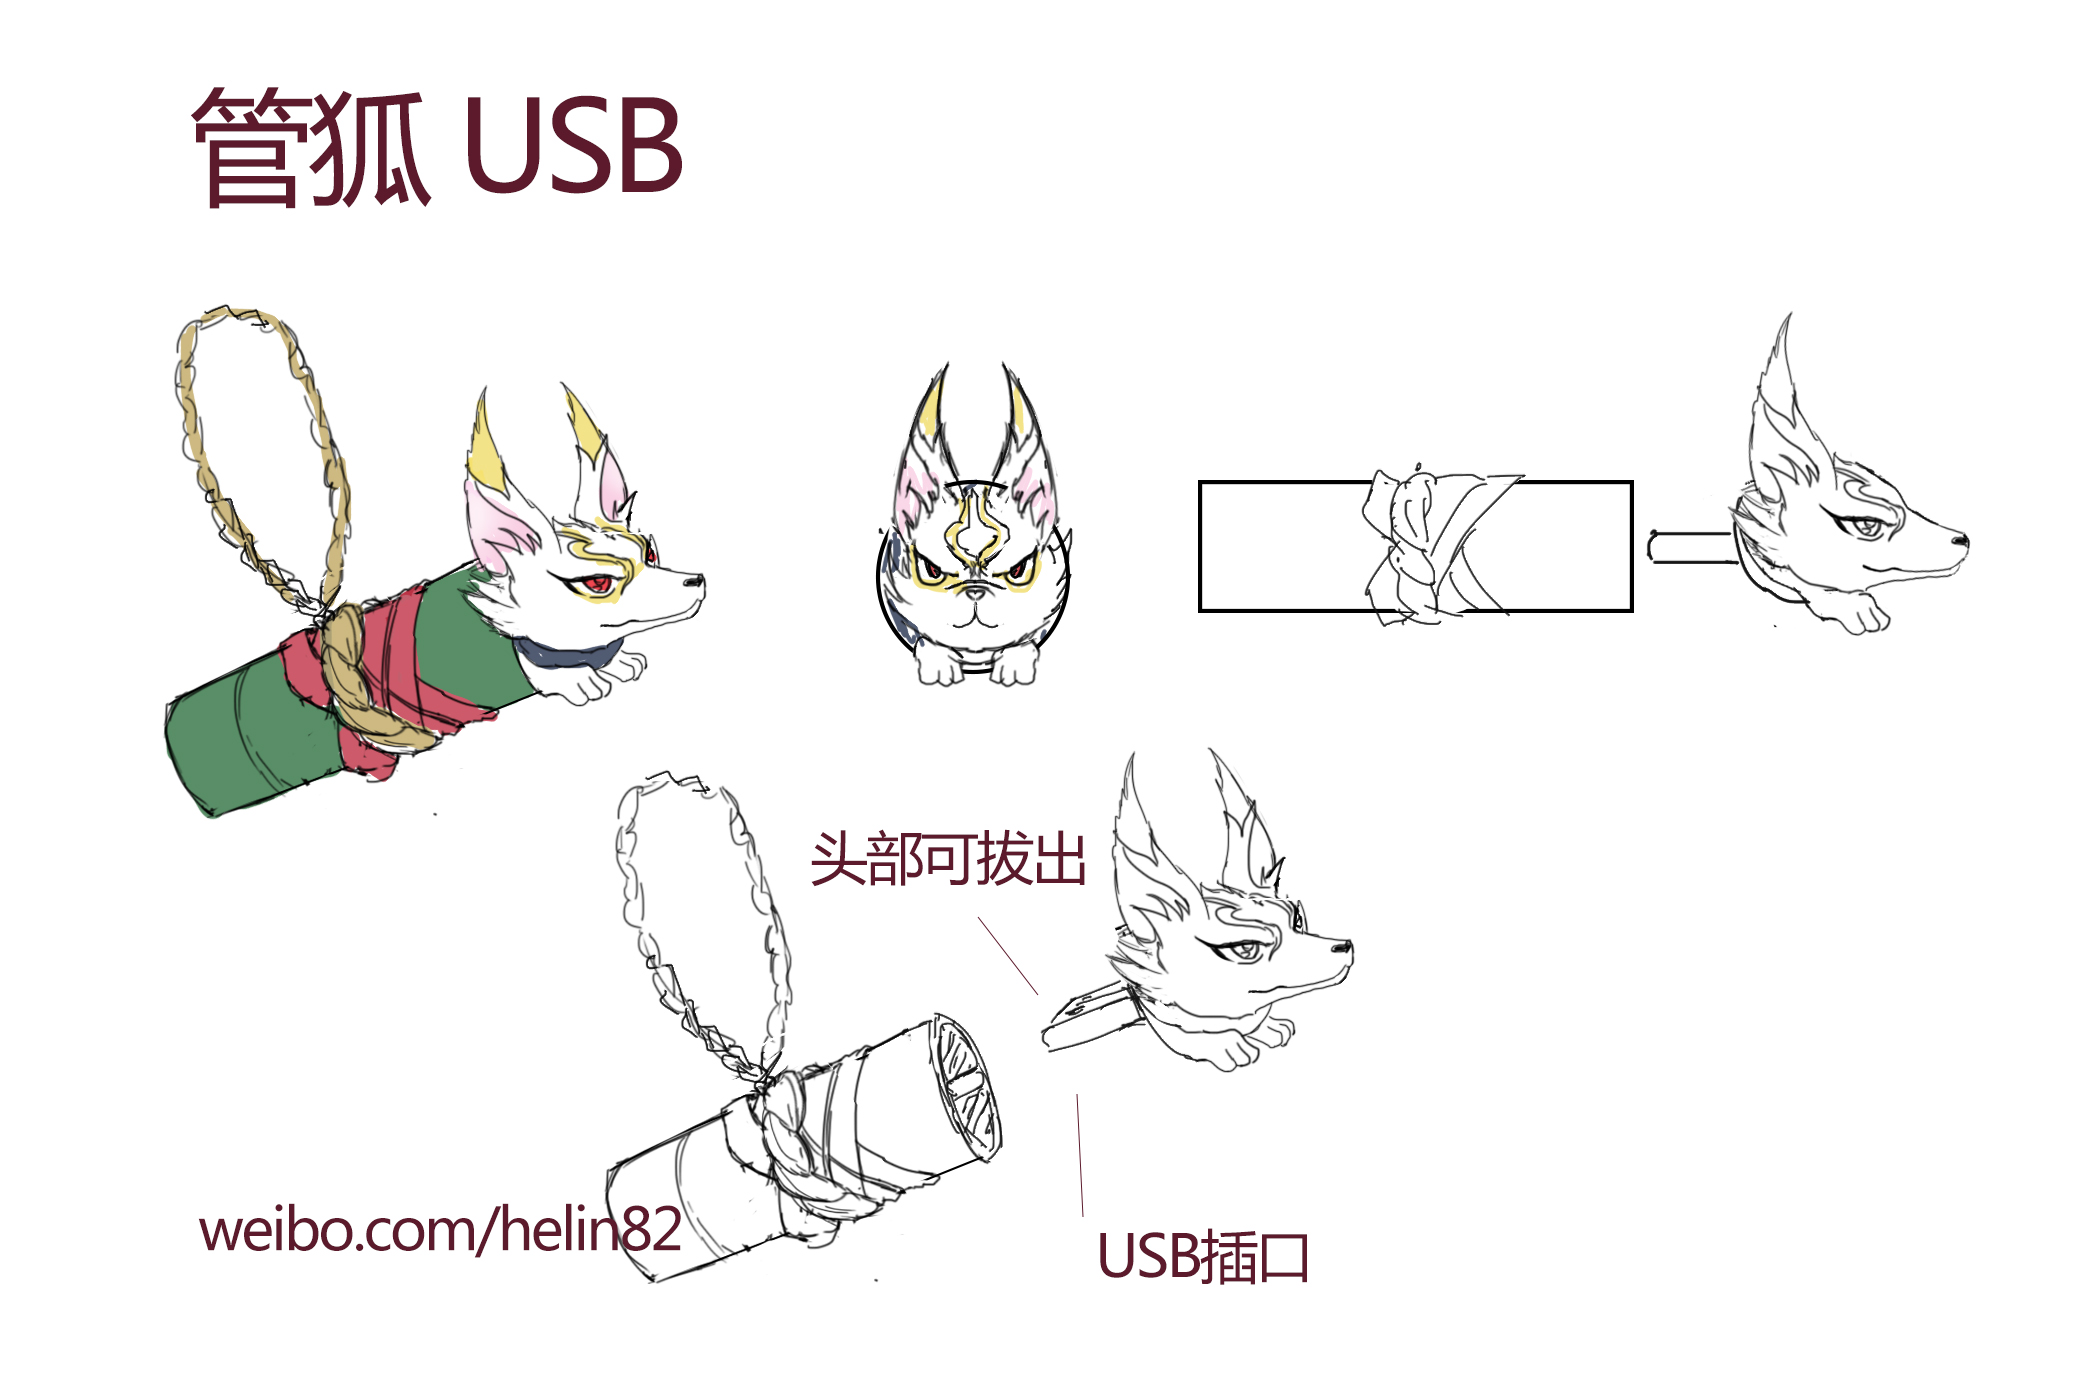 管狐usb.jpg